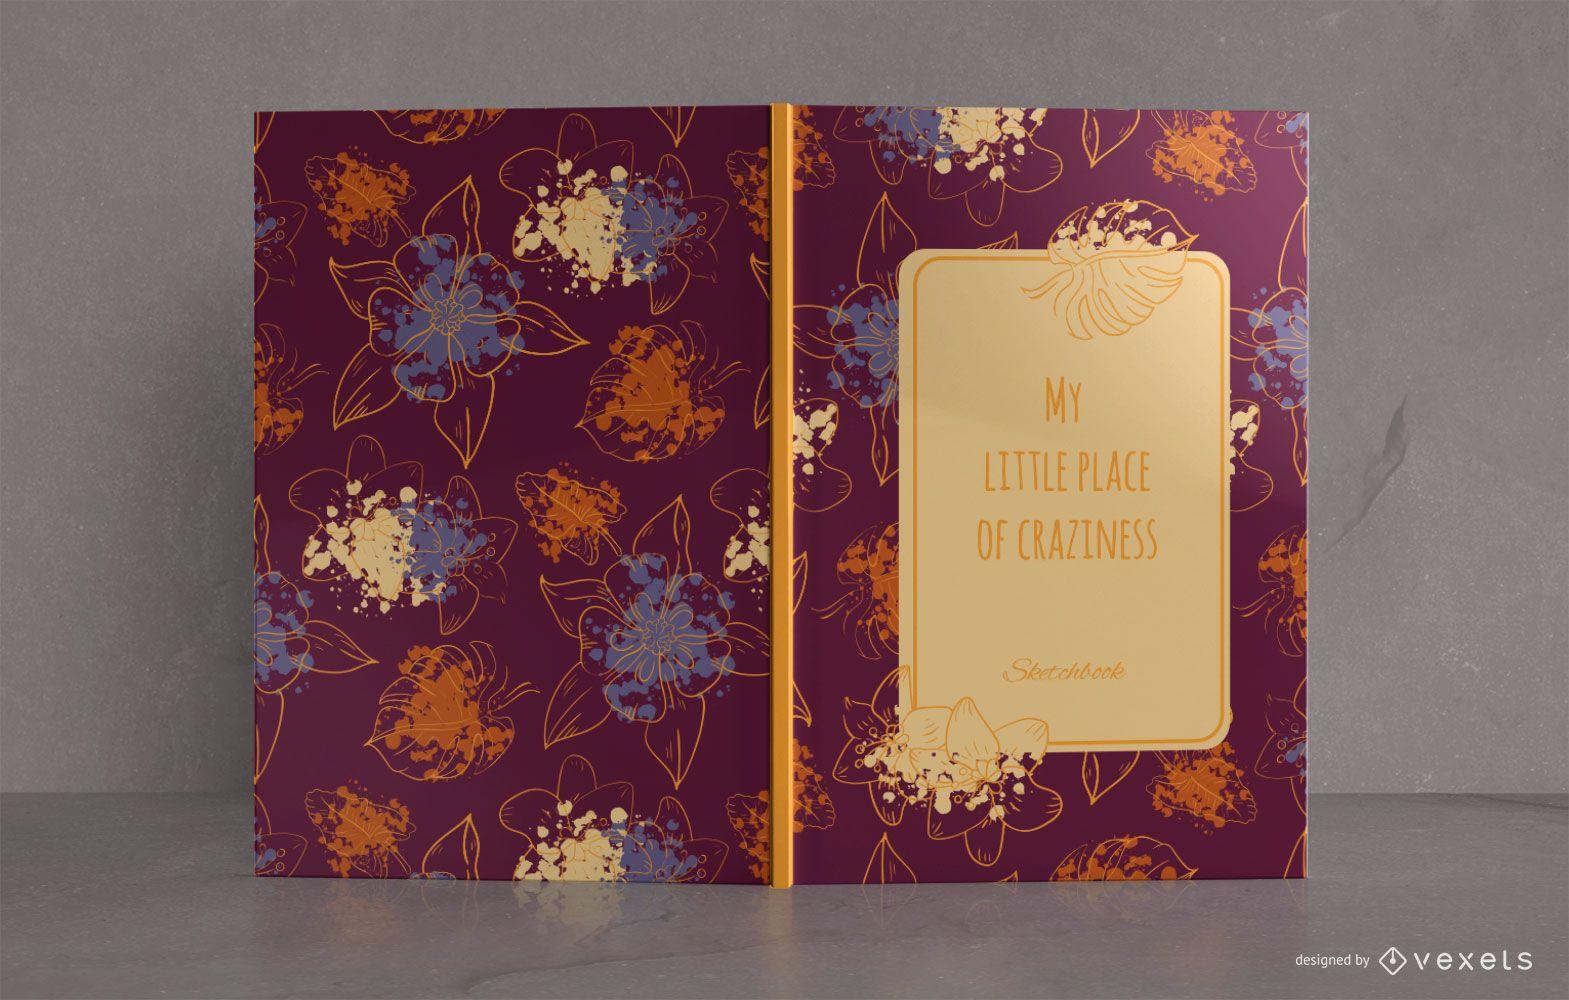 Floral Sketchbook Book Cover Design